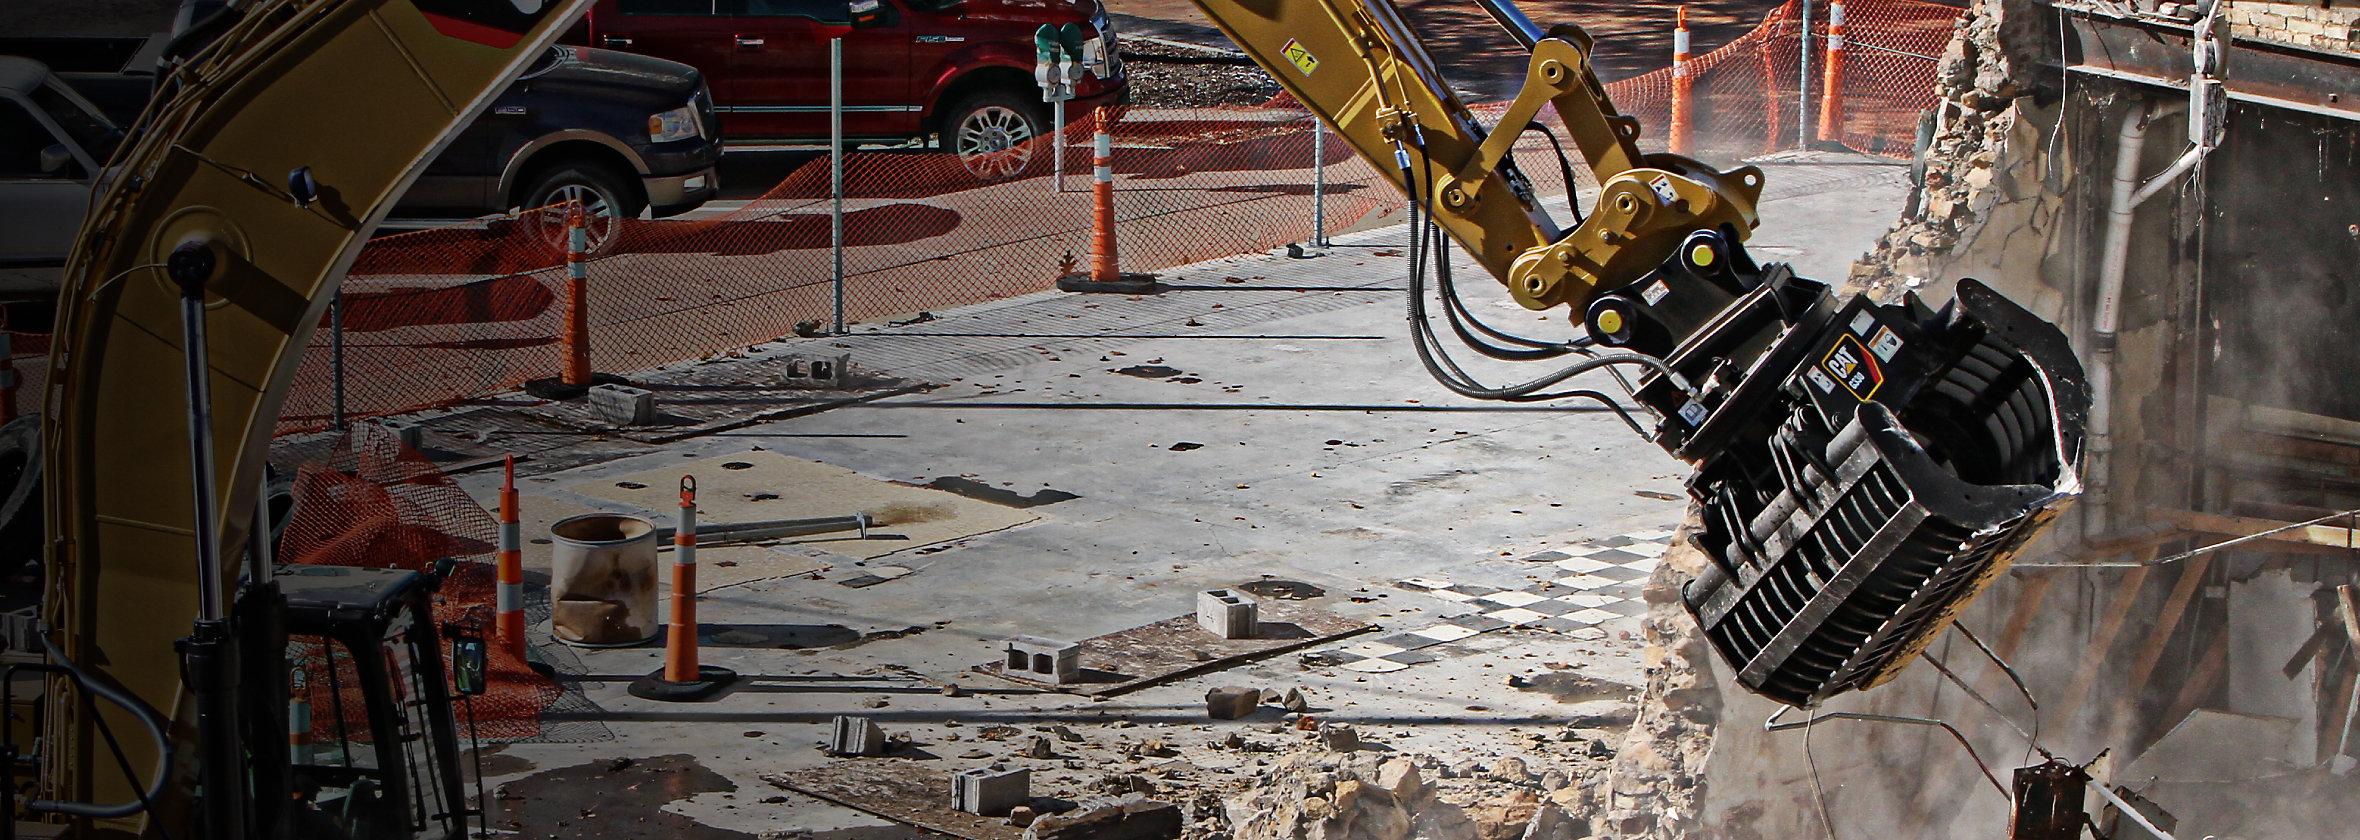 Grapple Demolition Attachments